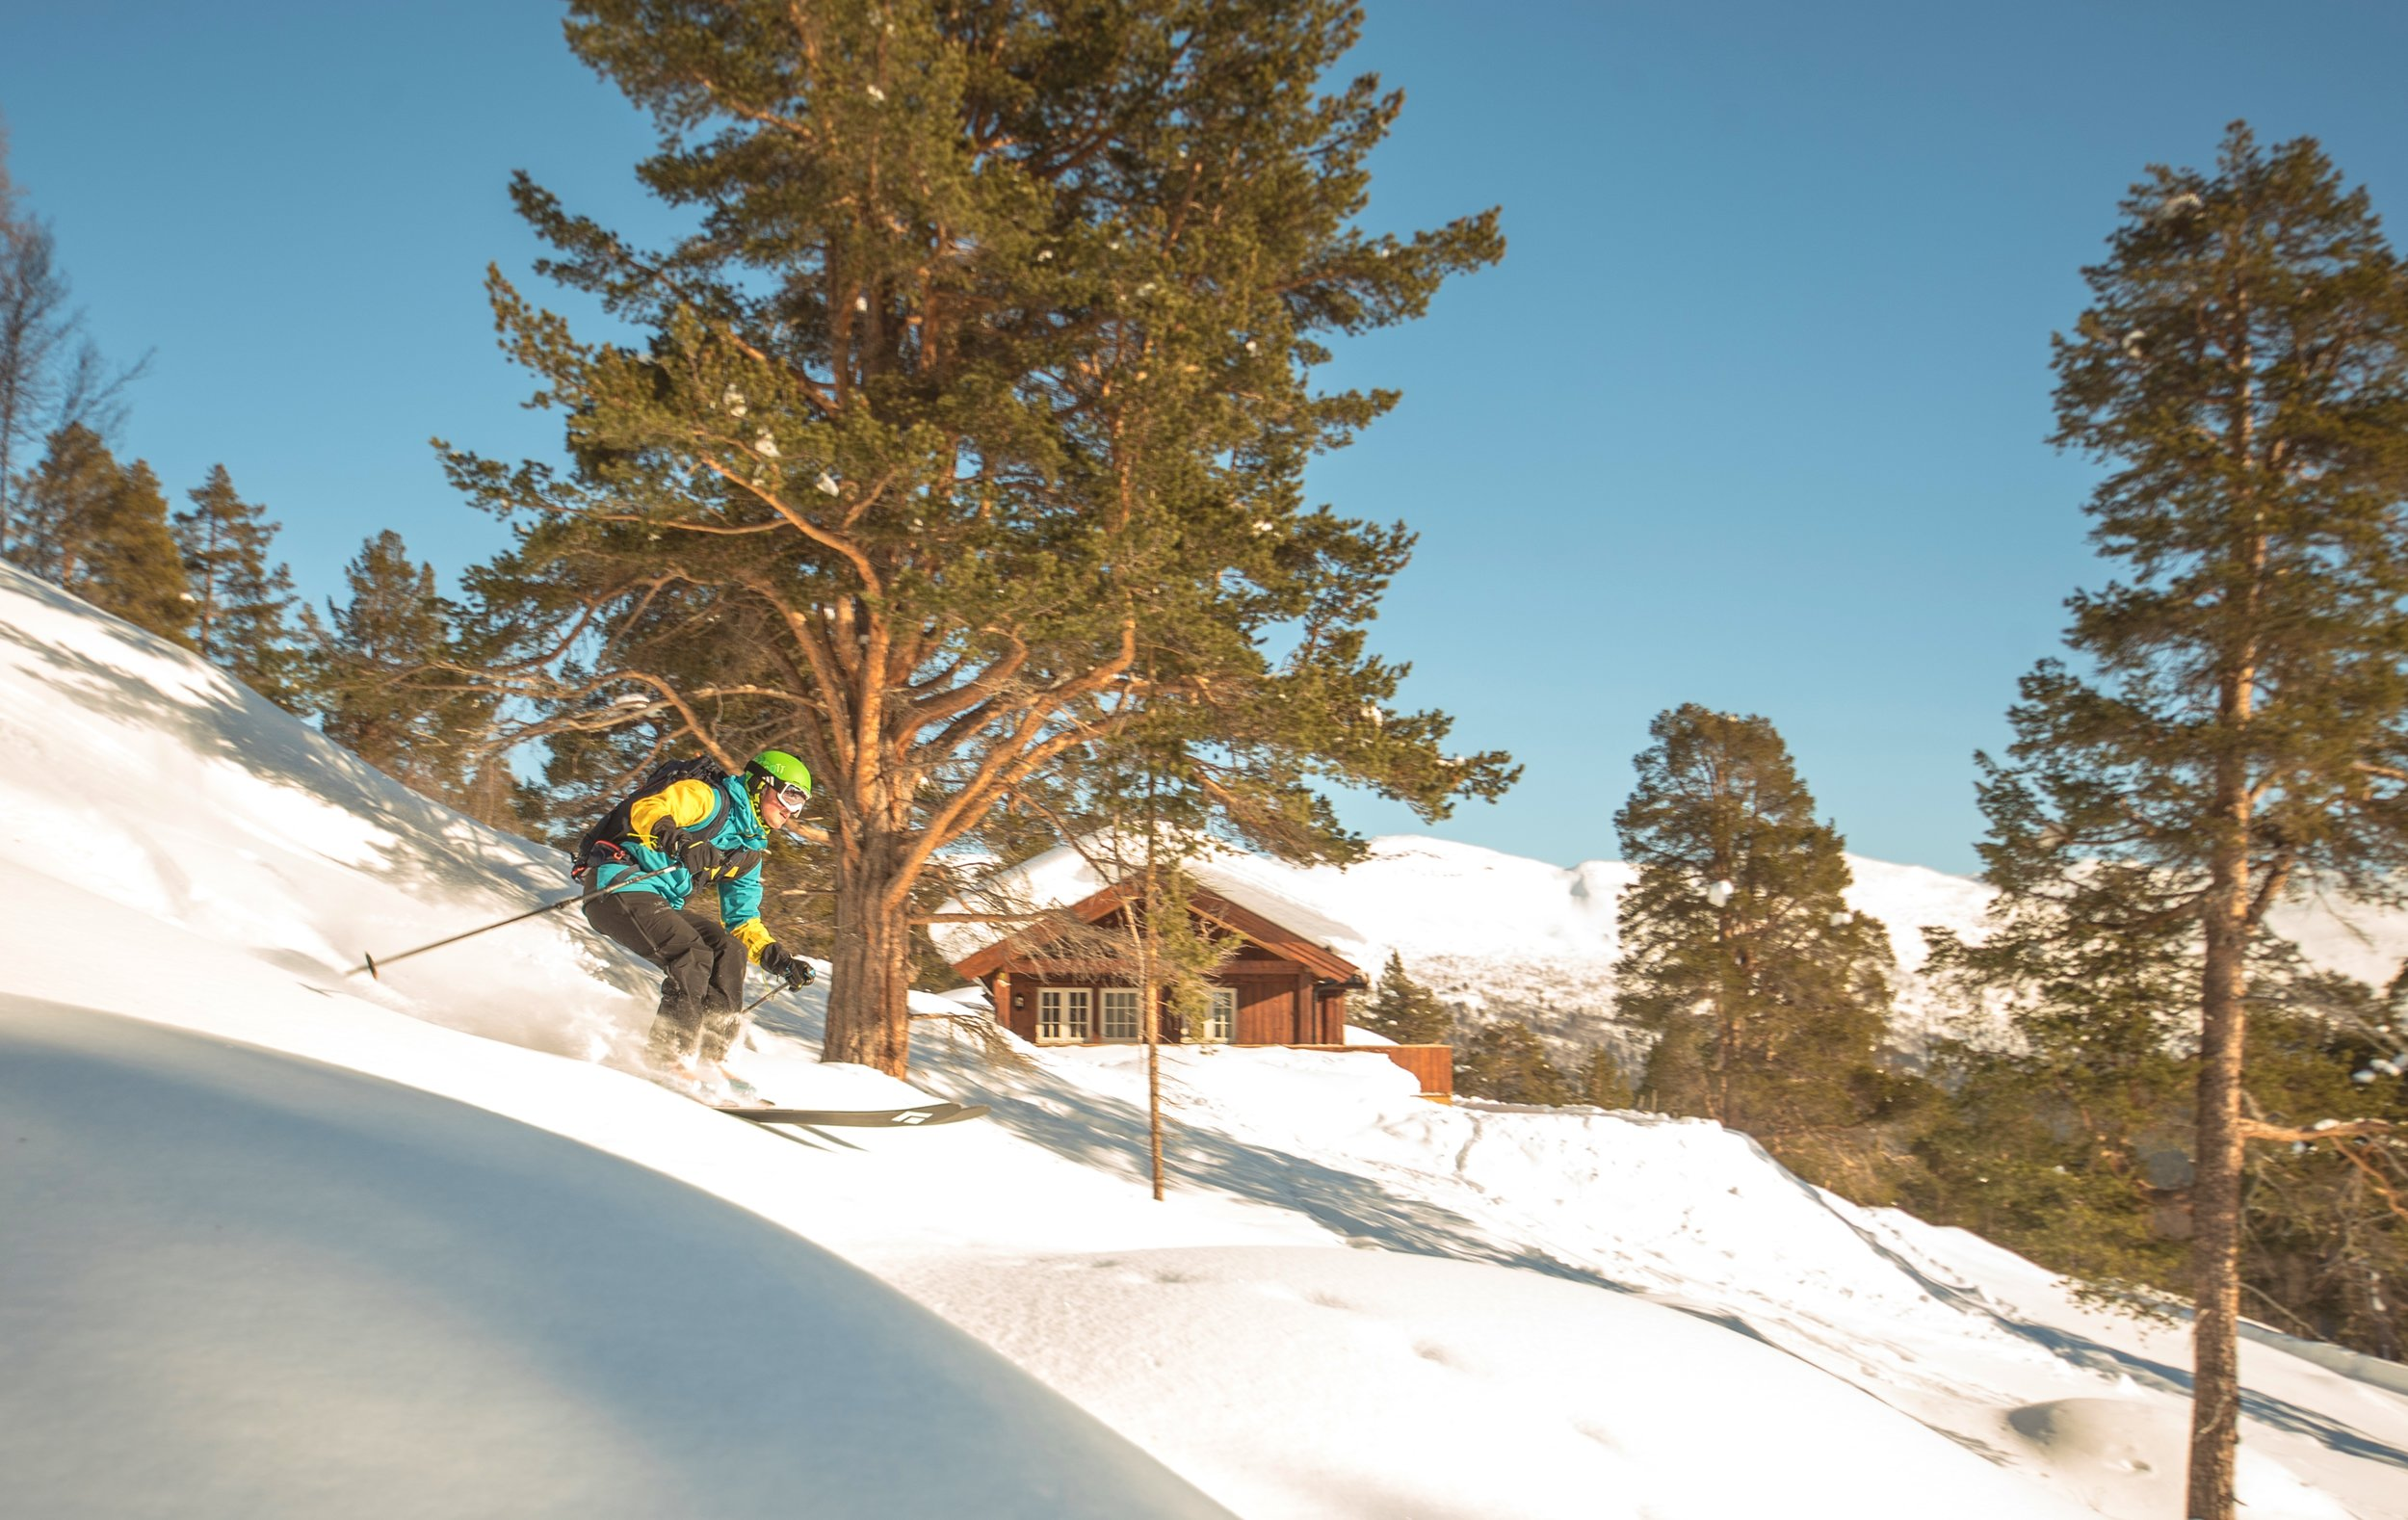 Billingen hyttegrend hytte med skiløper.jpg